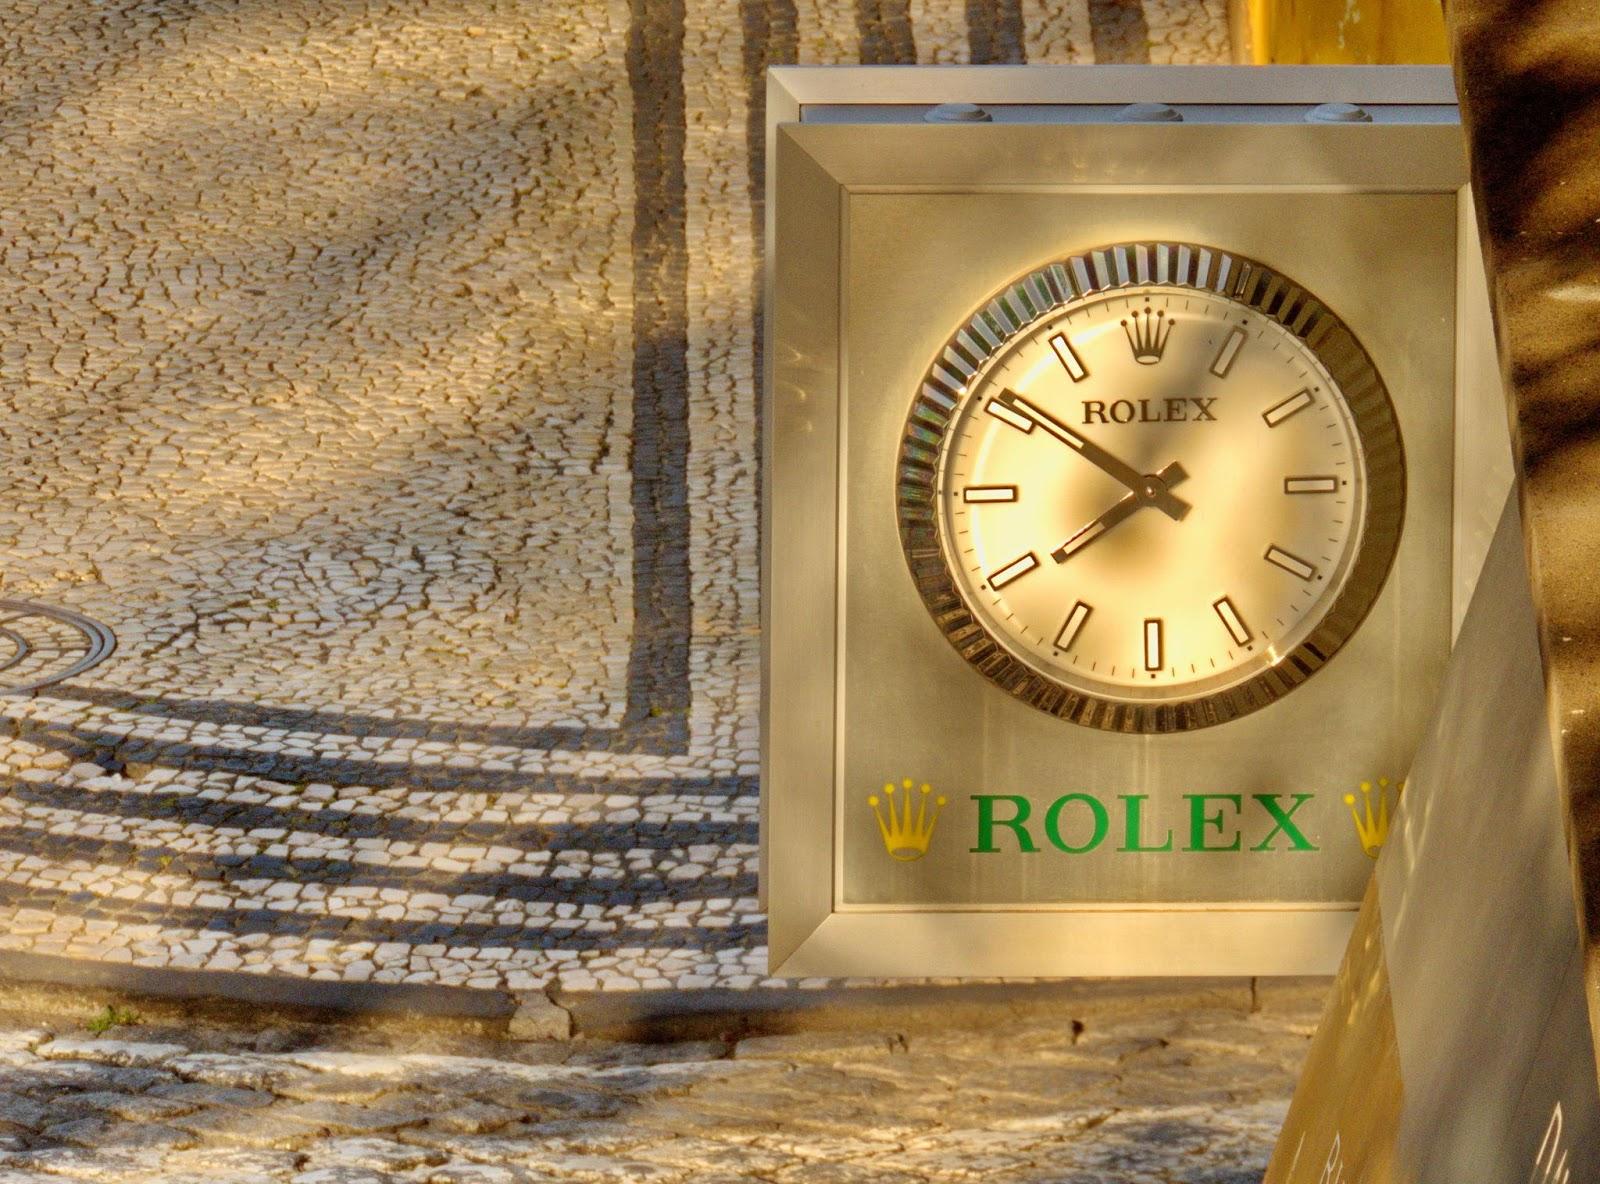 o Rolex da avenida